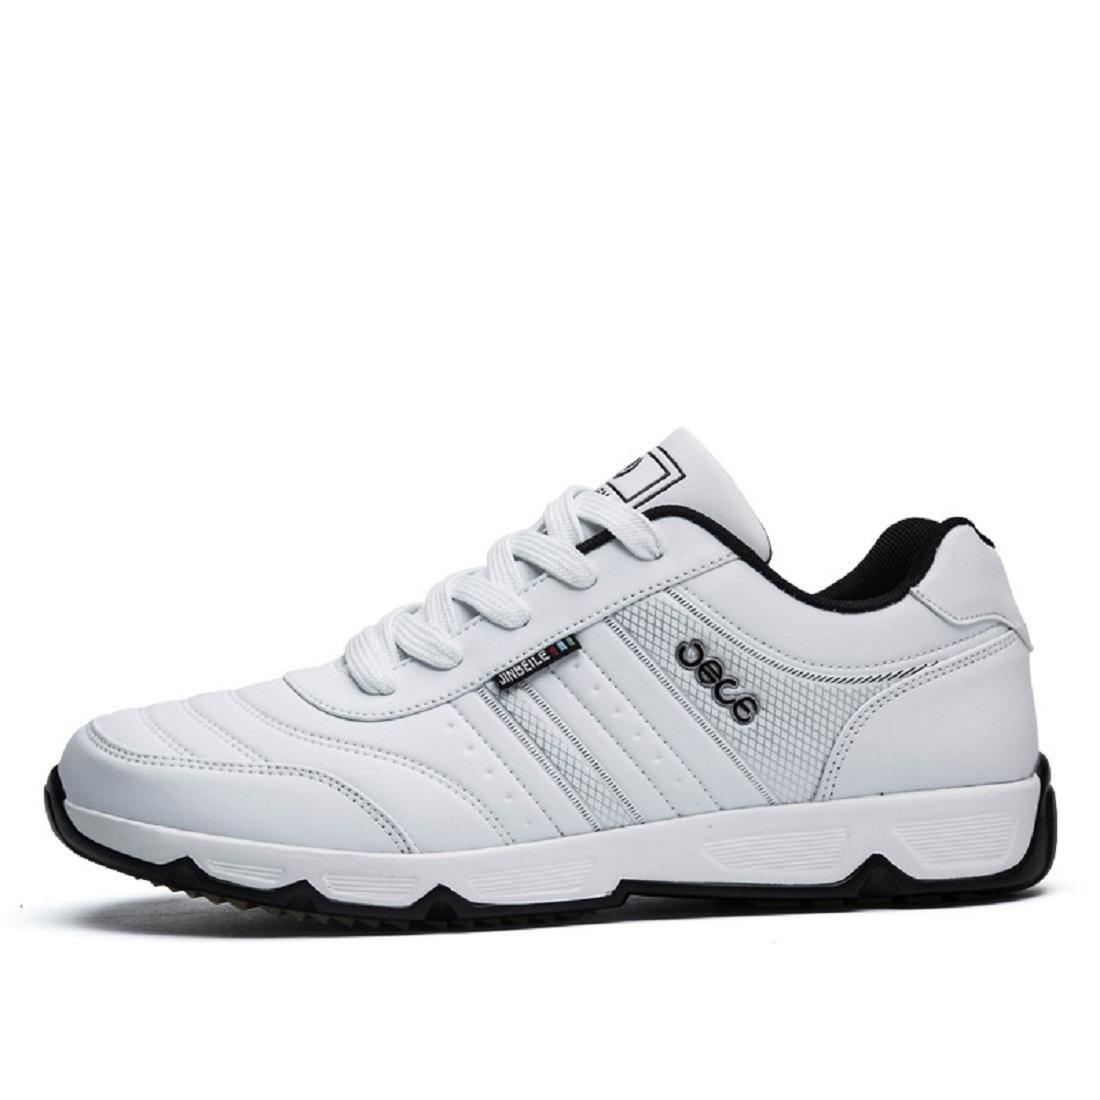 Herren Reise Schuhe Mode Draussen Lässige Schuhe Licht Flache Schuhe Trainer Rutschfest Freizeitschuhe EUR GRÖSSE 39-44